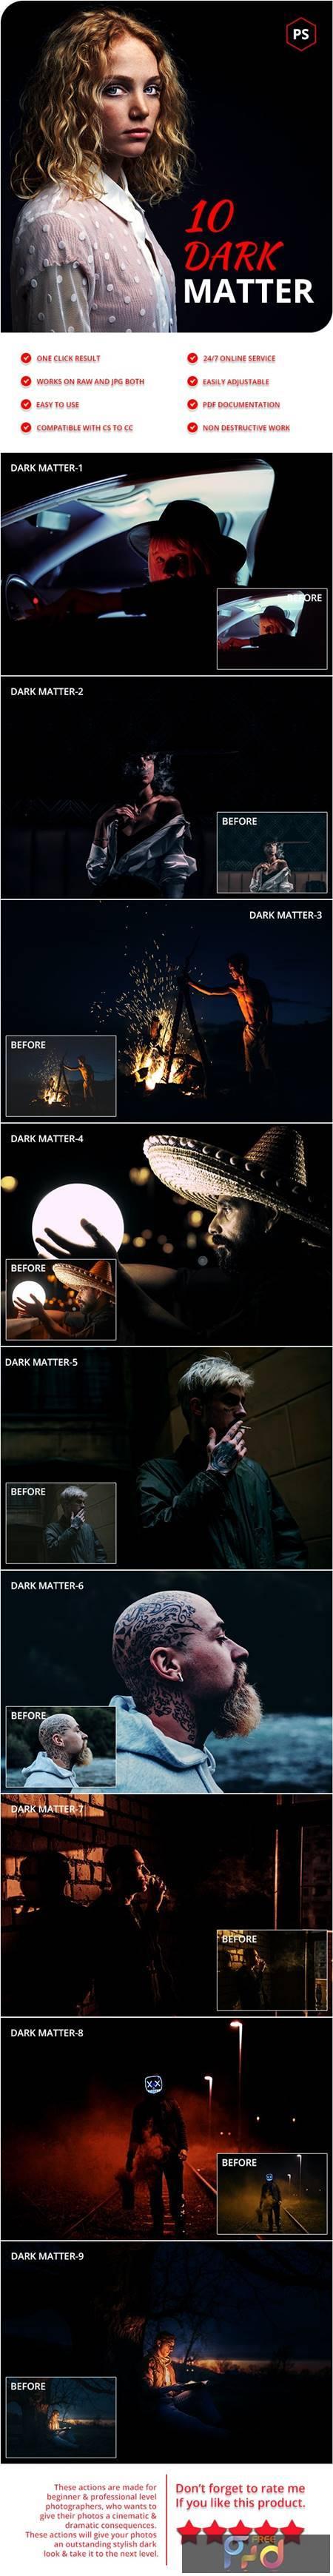 10 Dark Matter Photoshop Actions 28329765 1